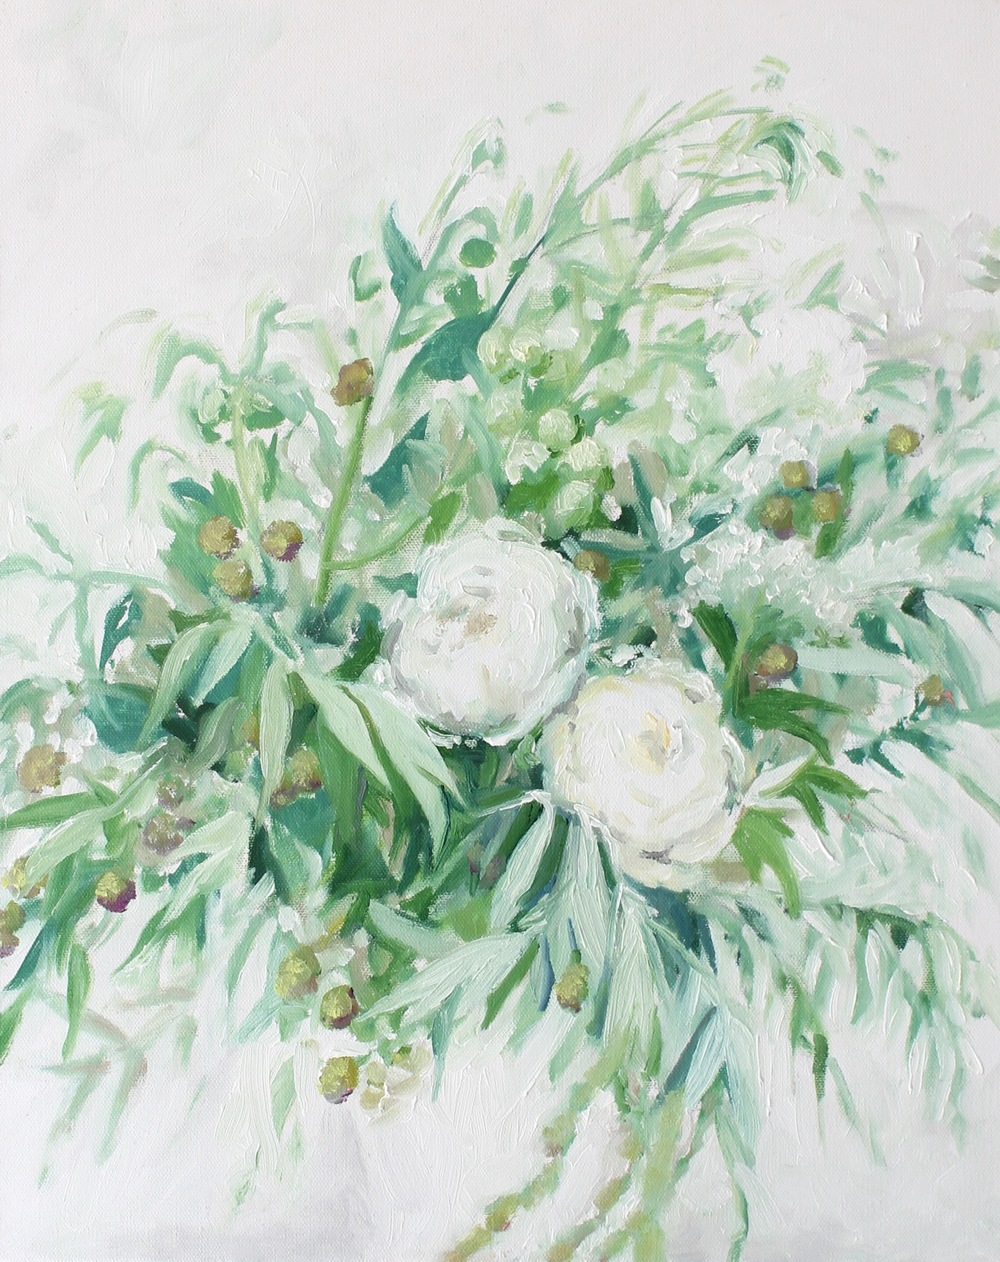 """""""Olive Branches I"""" painting by Jess Blazejewski"""